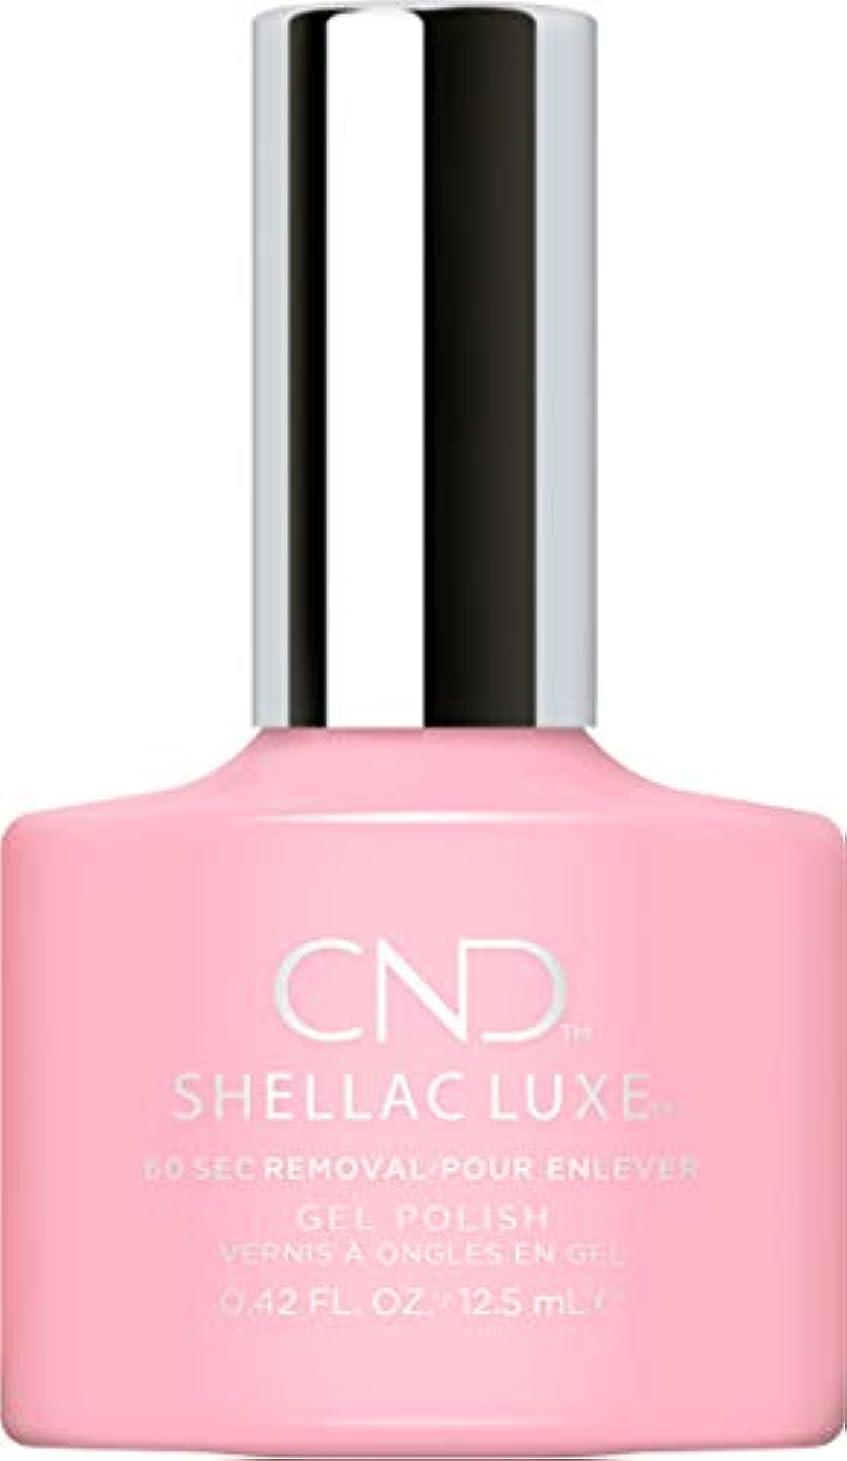 整理するいつか法廷CND Shellac Luxe - Be Demure - 12.5 ml / 0.42 oz